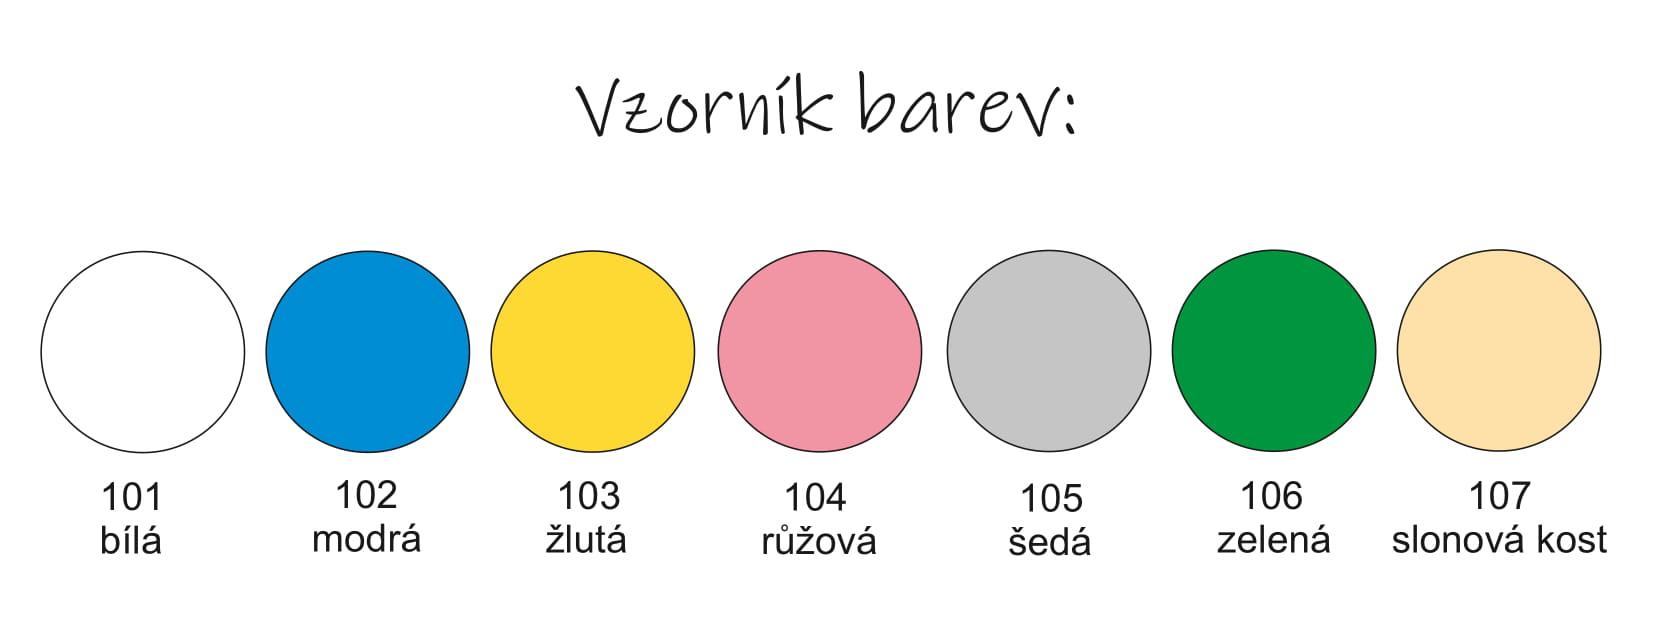 Představujeme vám nový vzorník barev 2021